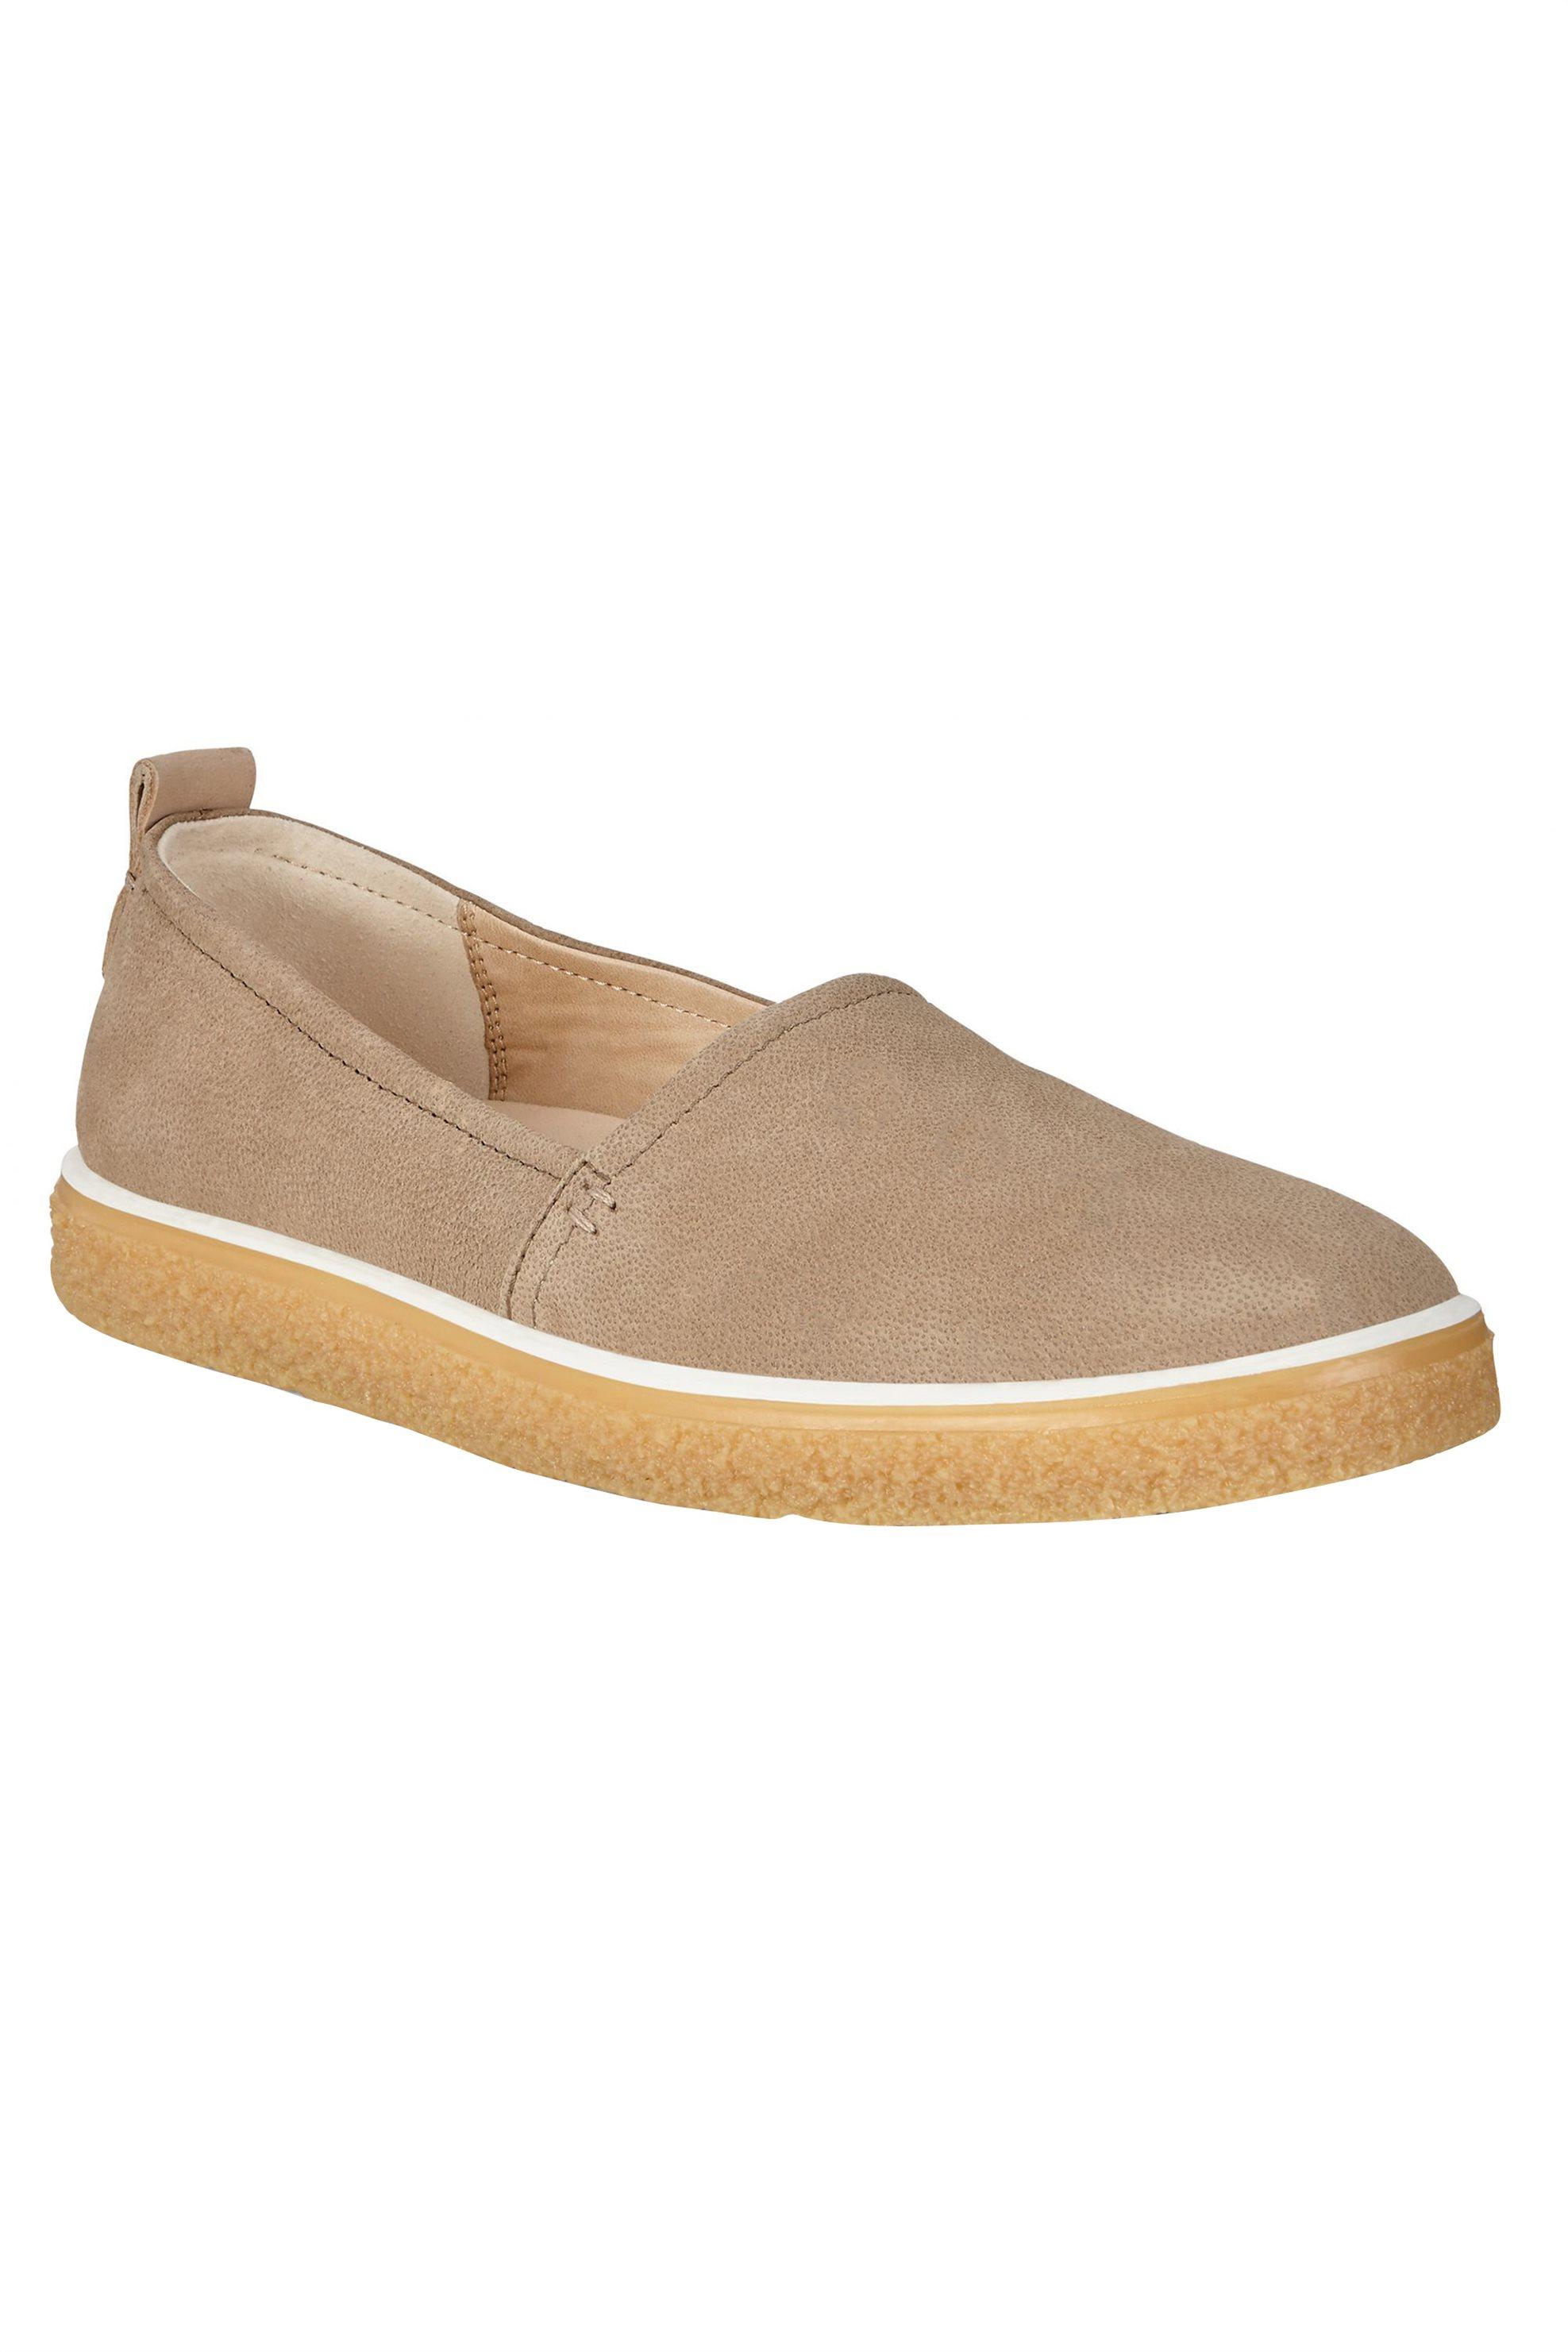 Εcco γυναικεία παπούτσια Crepetray – 200303 – Μπεζ